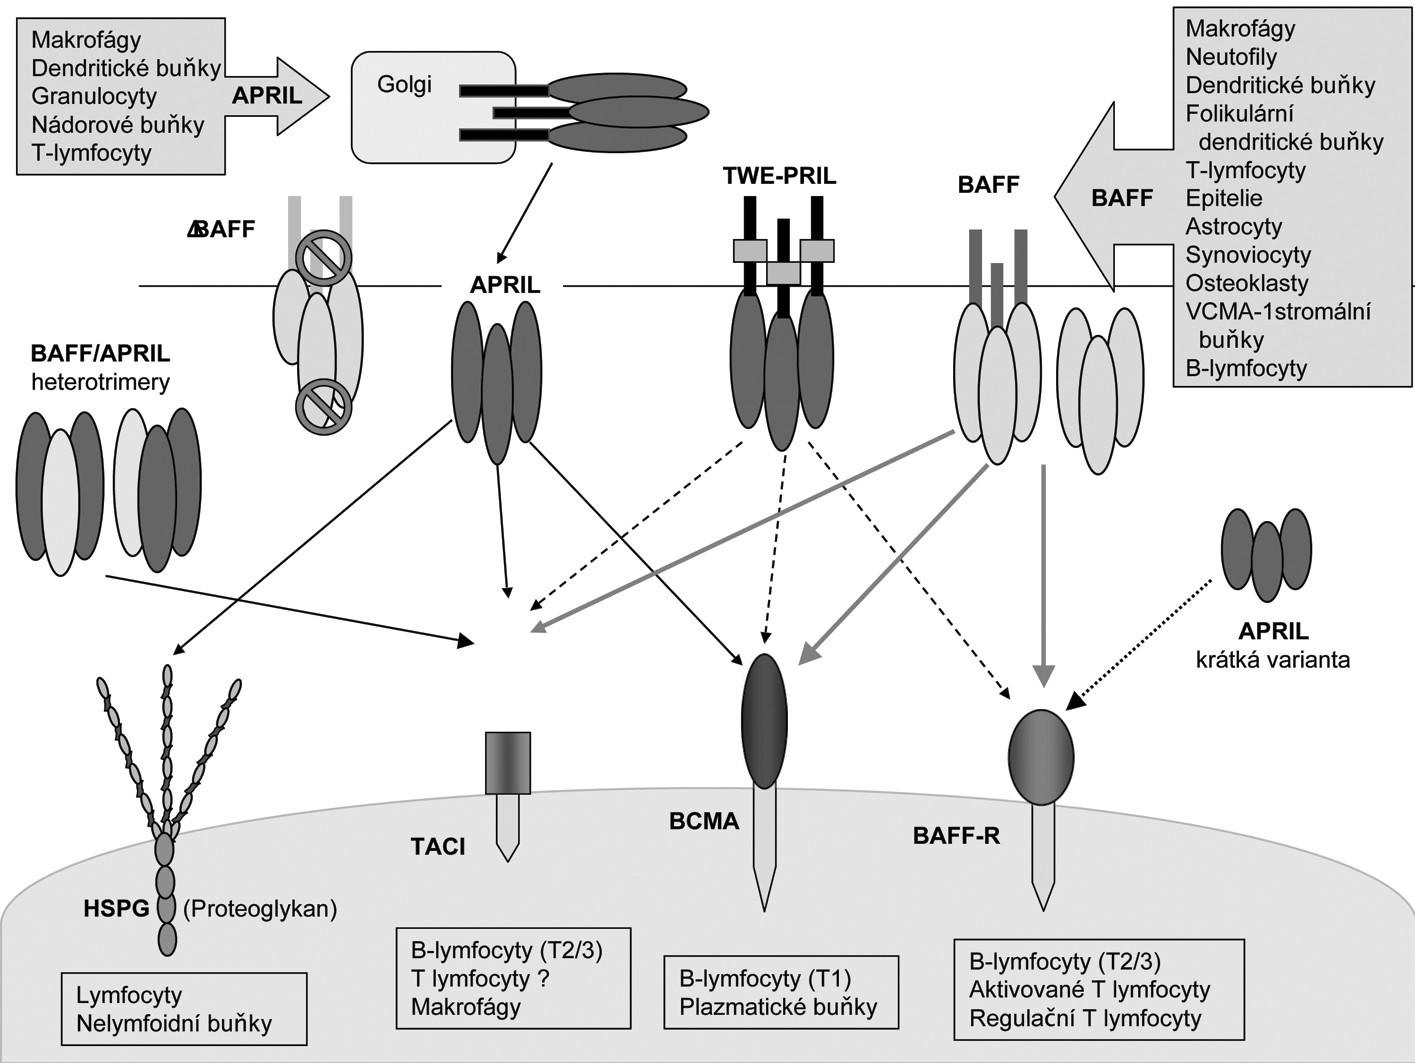 Interakce a exprese ligandů a receptorů systému BAFF/APRIL (Upraveno podle (60)). V horní části jsou zobrazeny ligandy:  Zleva doprava: heterotriméry BAFF /APRIL (6), heterotrimér s BAFF (značky znázorňují nemožnost odštěpení biologicky aktivního ligandu) (5), APRIL (odštěpen z Golgiho aparátu a uvolňovaný jako rozpustný ligand) (61), fusovaný protein TWE-PRIL (7) a homotrimér BAFF (2). Krátká varianta APRIL (poslední vpravo). Typy buněk, které tvoří BAFF a APRIL jsou znázorněny v obdélnících se šipkou. Ve spodní části jsou zobrazeny receptory: Zleva doprava: Heparin sulfátové proeoglykany (HSPG), TACI, BCMA a BAFF-receptor (BAFF-R) (25). Plné čáry zobrazují silné vazby, tečkovaná čára znamená slabou interakci, a přerušované čáry ukazují interakce které byly prokázány pouze nepřímo. Pod každým receptorem jsou vyjmenované typy buněk, které exprimují uvedené receptory. Zkratky: APRIL, a proliferation-inducing ligand; BAFF, B-cell activating factor; BAFF-R, BAFF receptor; BCMA, B-cell maturation antigen; BLys, B-lymphocyte stimulator; HSPG, Heparin sulfátové proeoglykany, TWEAK, Tumor necrosis factor-like weak inducer of apoptosis; TACI, transmembrane activator and calcium monulator and cyclophilin ligand interactor.